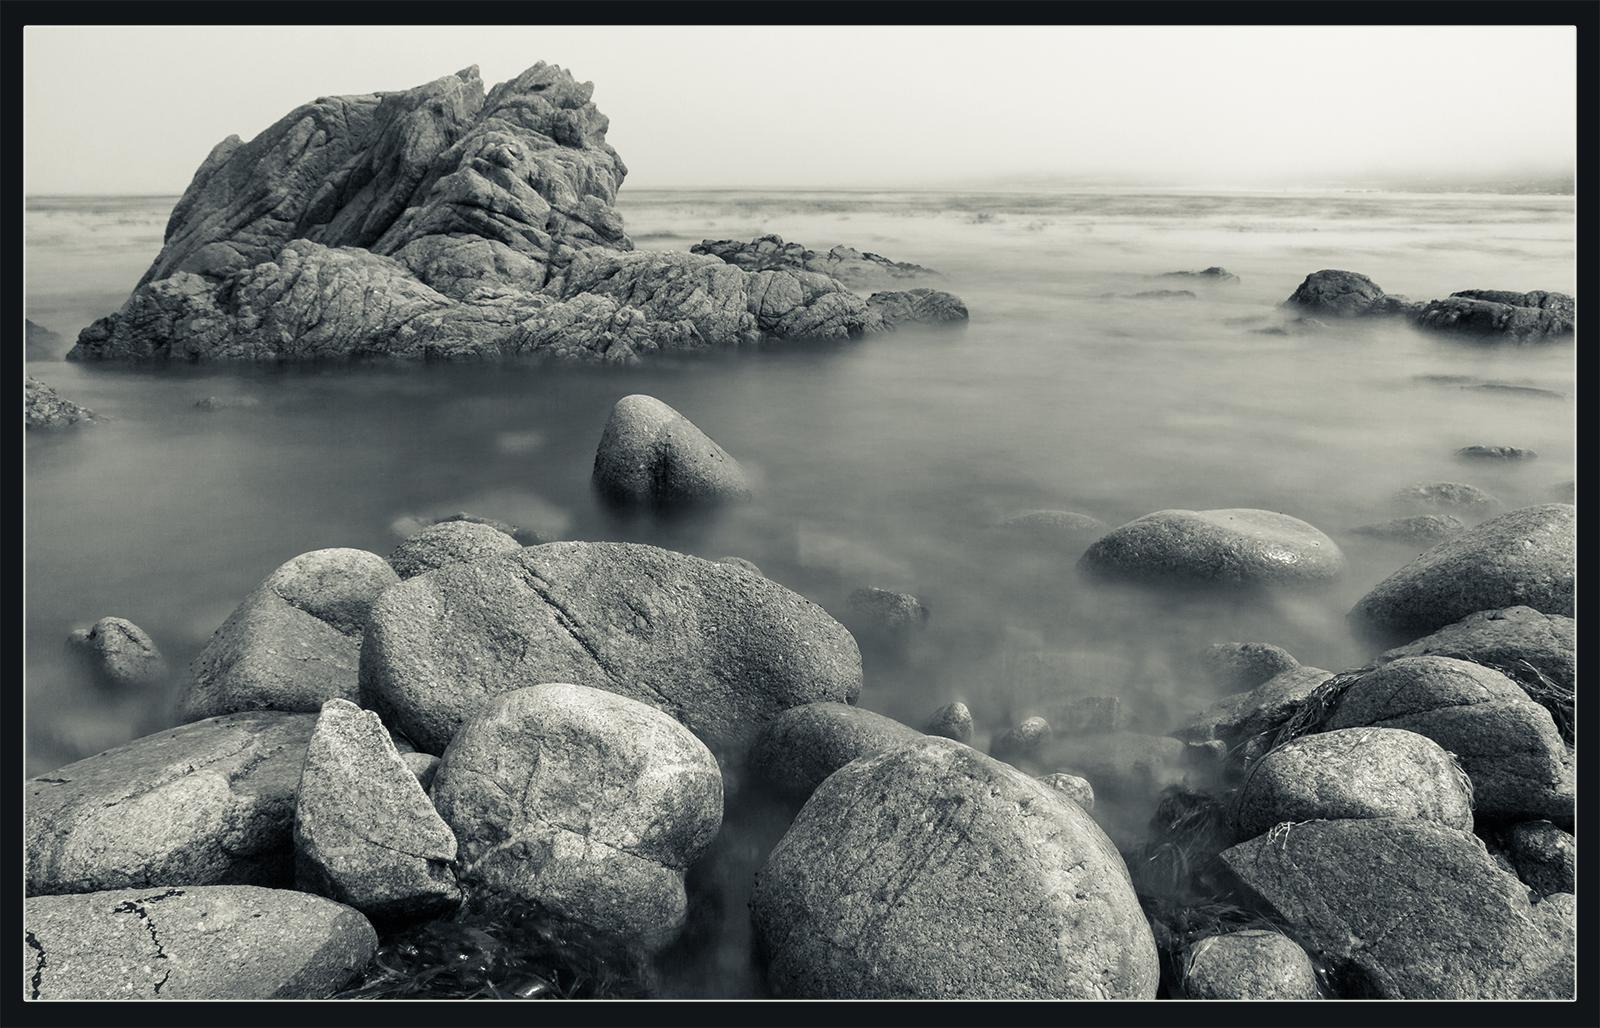 Steine die im Wasser ruhen